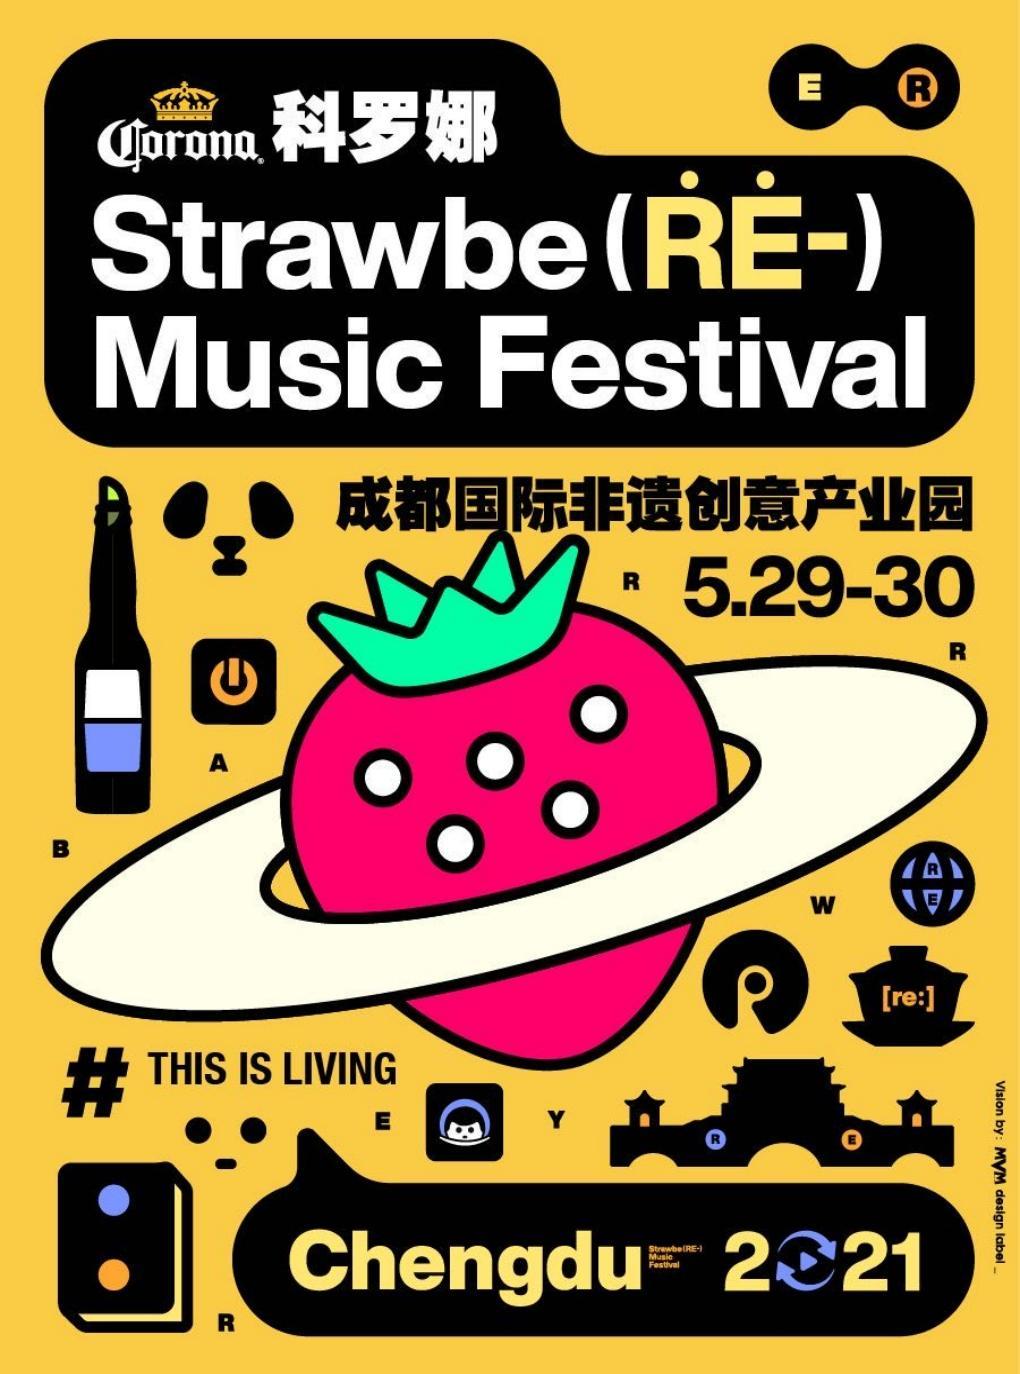 【成都站】科罗娜·2021成都草莓音乐节